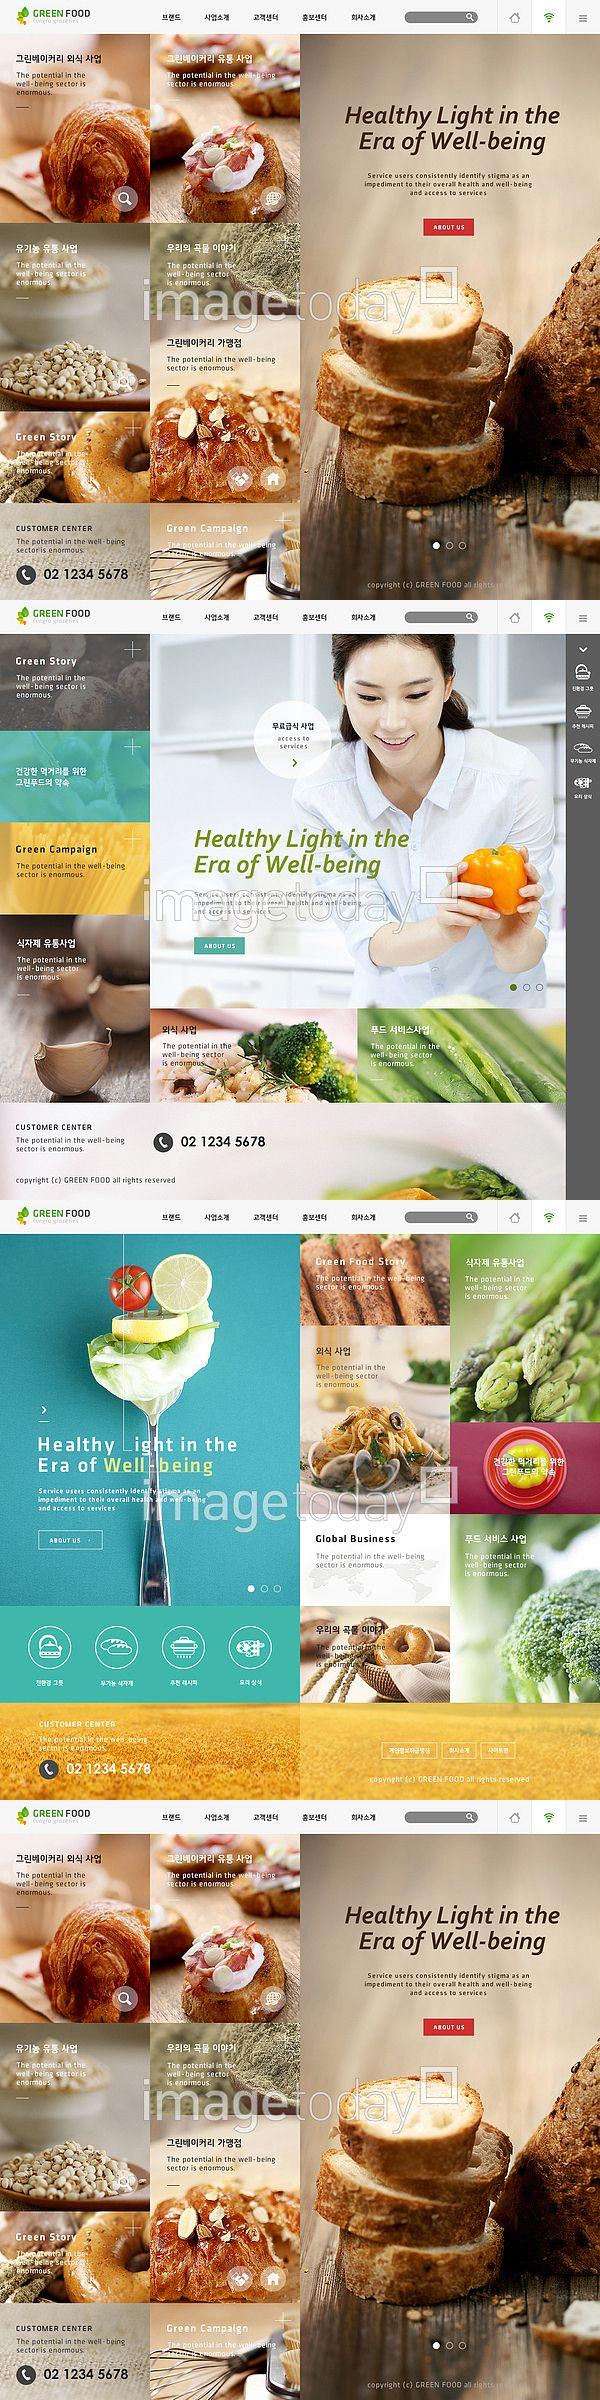 이미지투데이 백그라운드 브로콜리 사람 아이콘 어른 여자 웹사이트 웹소스 주부 청년 템플릿 한국인 빵 imagetoday background broccoli human icon woman website websource housewife template korean bread